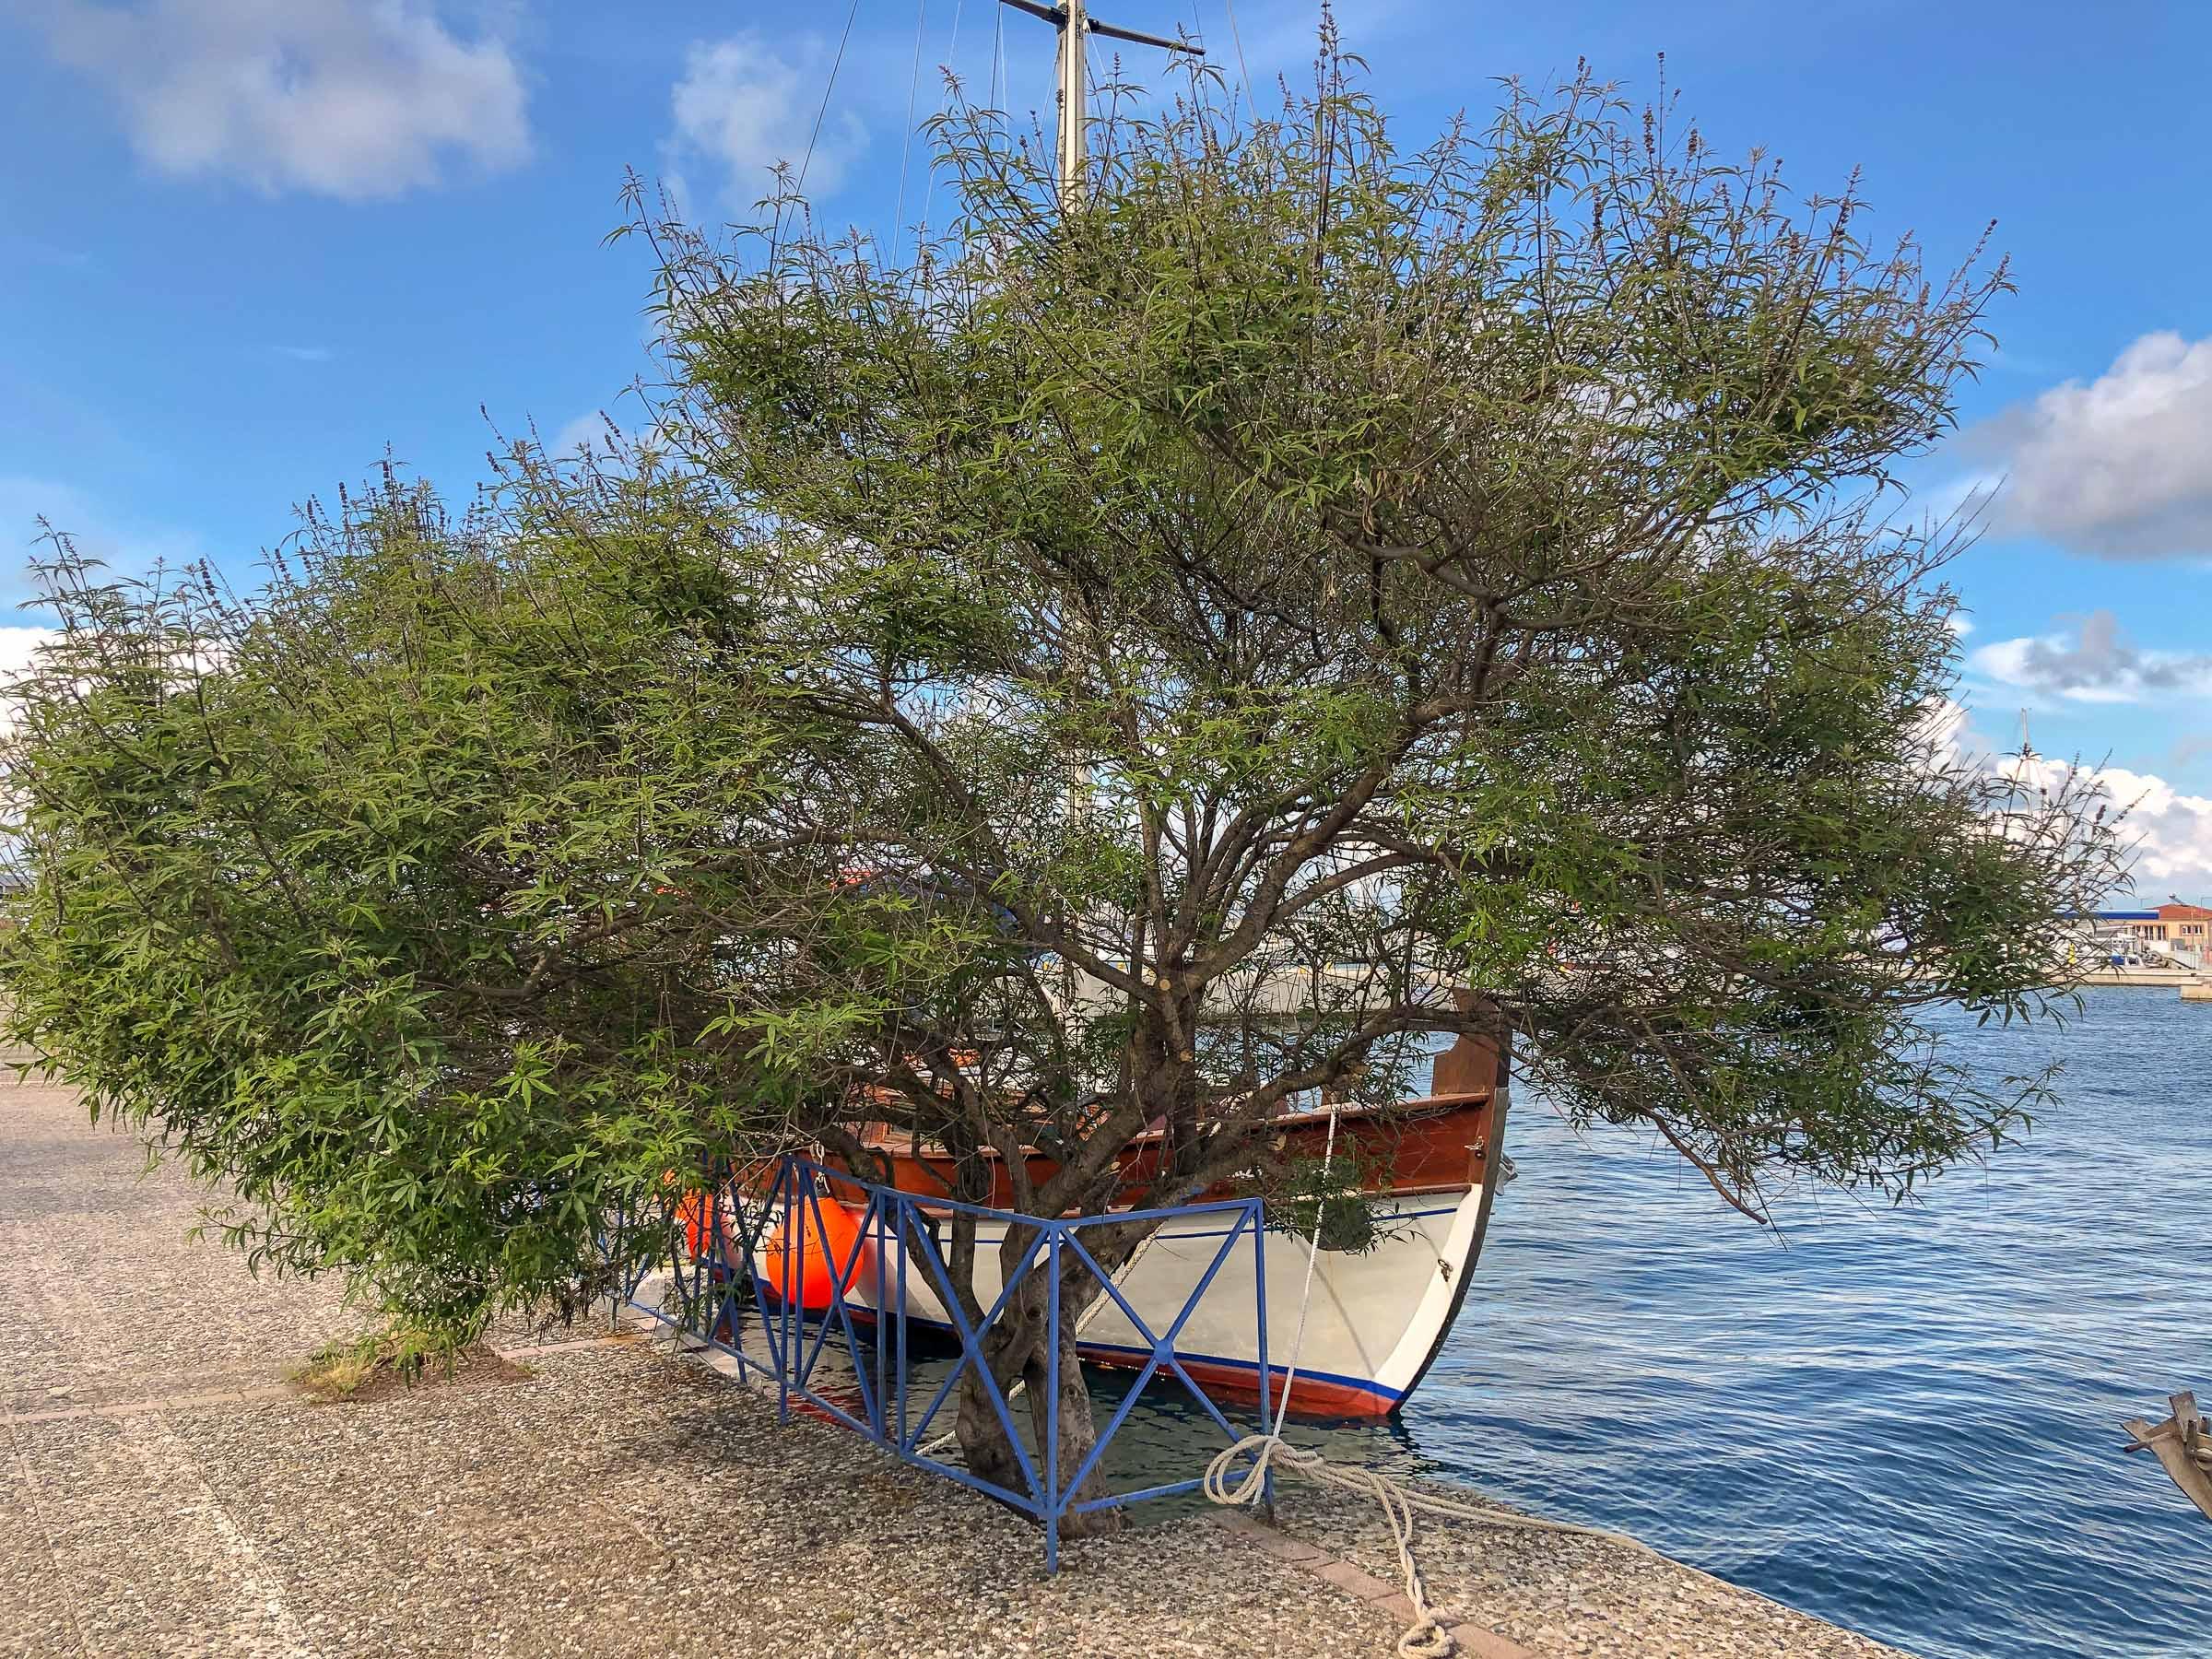 Lygaria next to the sea